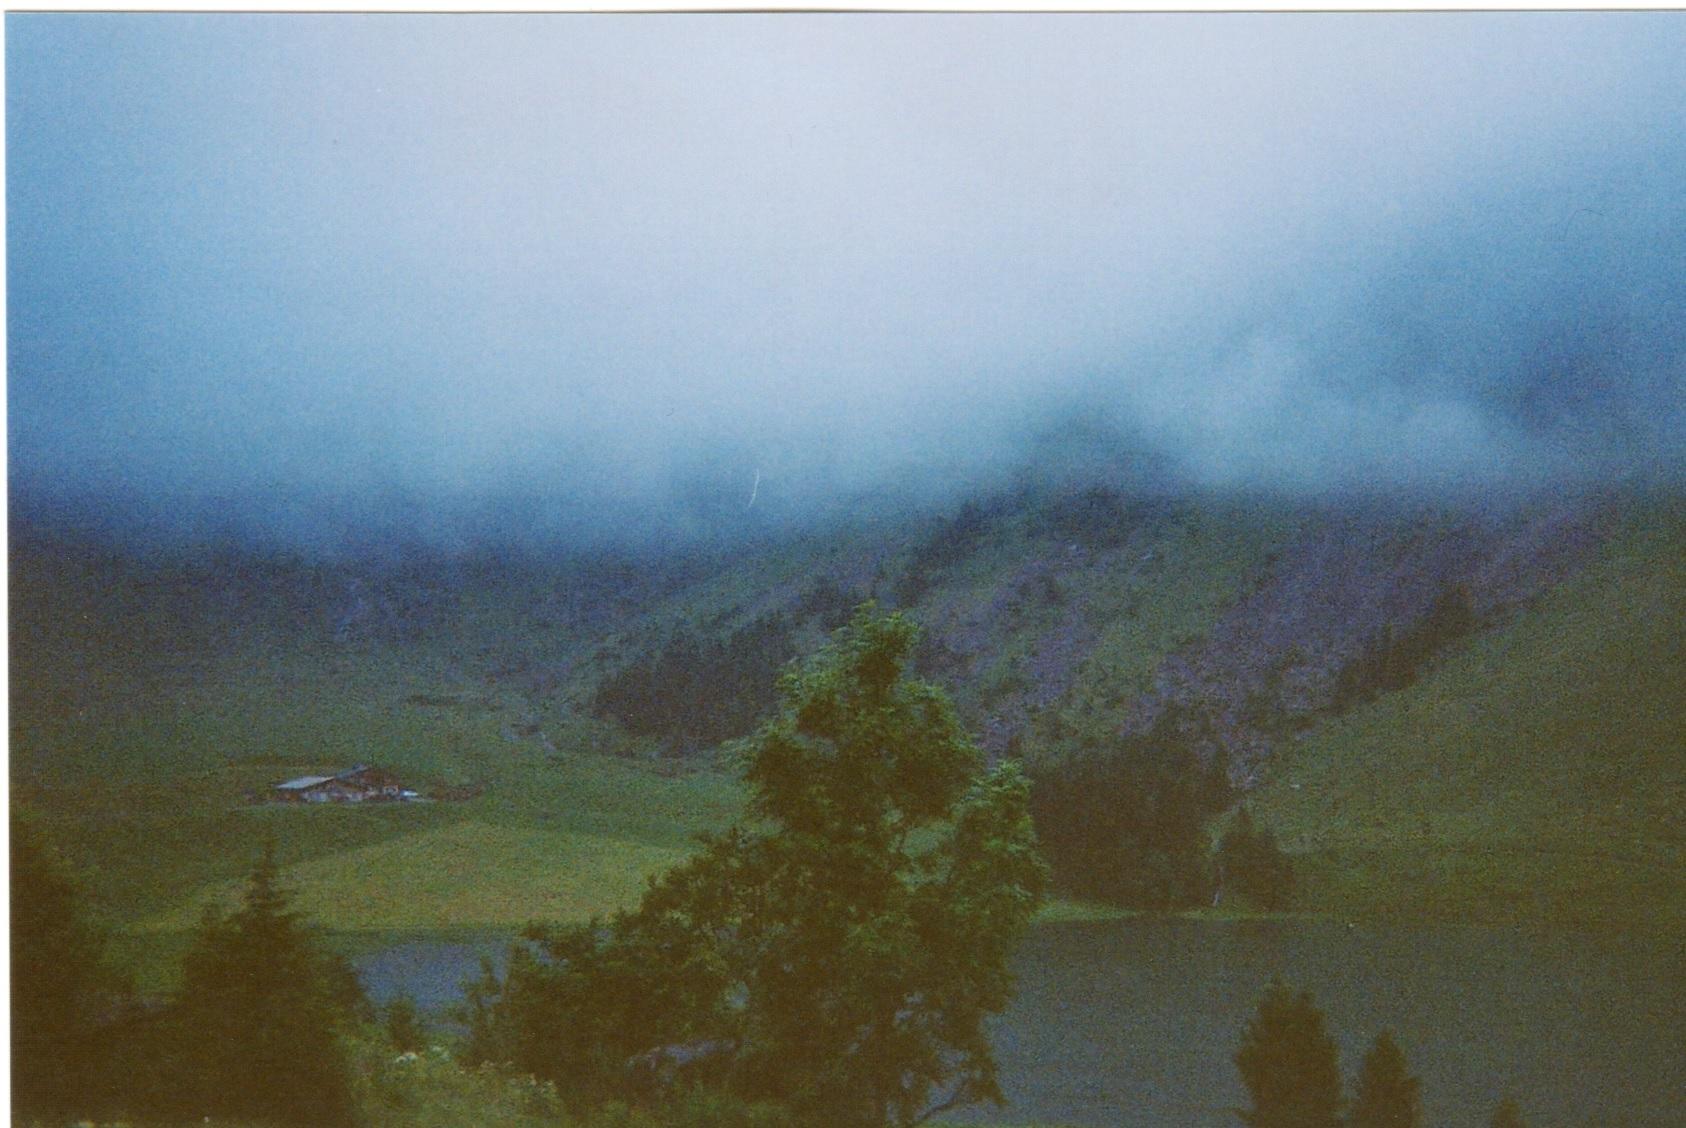 Le lac des confins sous la brume, en argentique